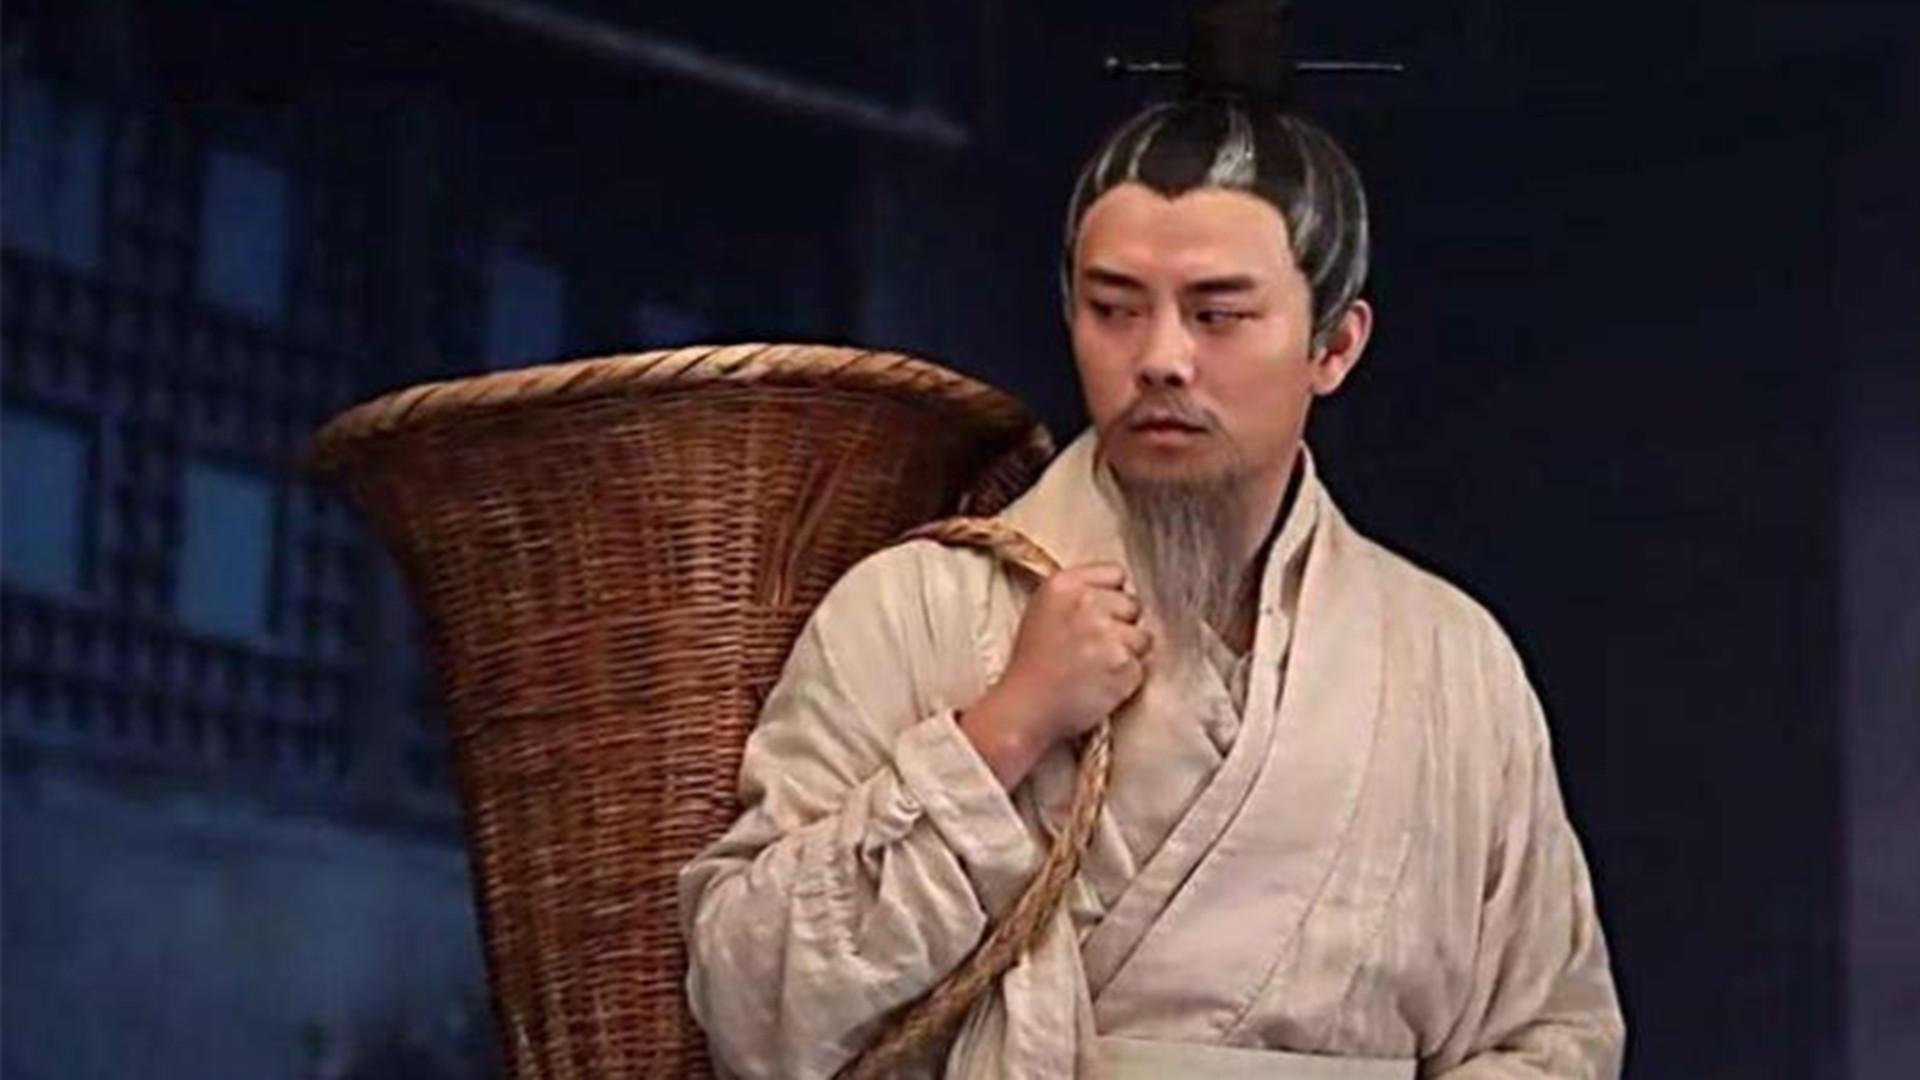 人类的极限寿命是多少岁?这个人生于唐朝,死于元朝,活了443岁